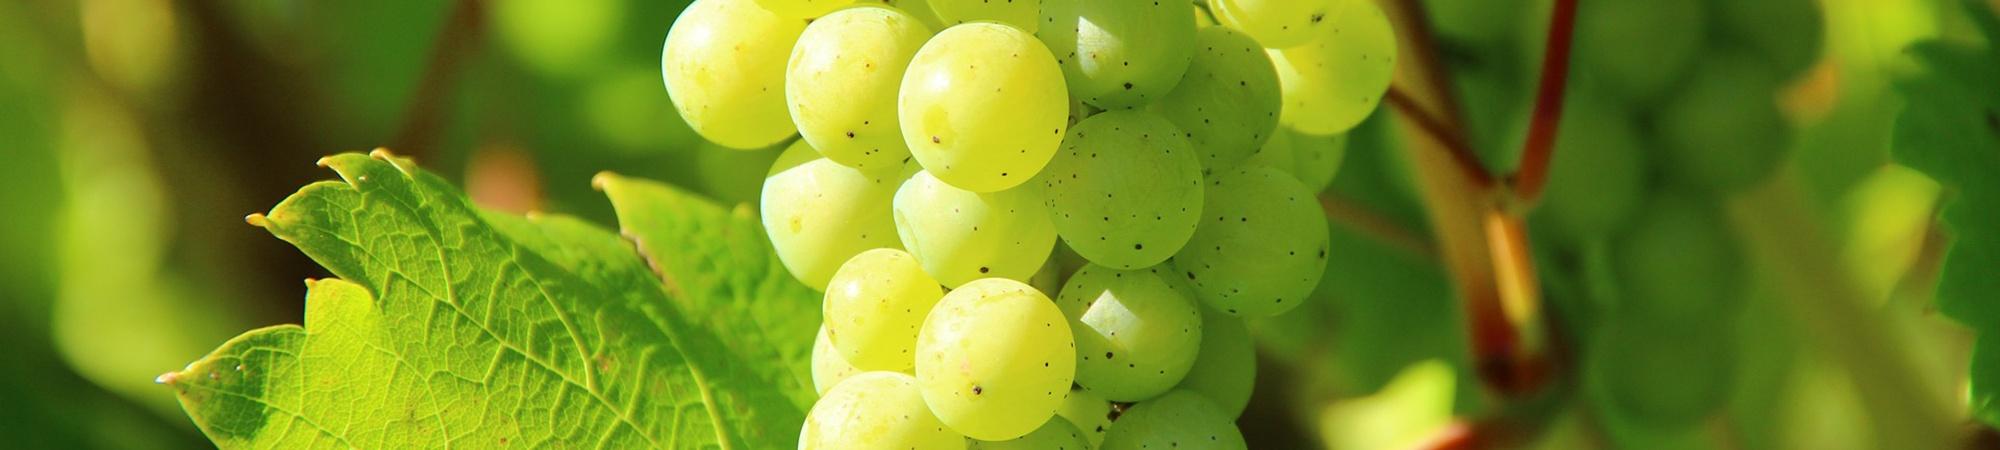 7 Grüne Veltliner aus 7 verschiedenen Weinbaugebieten Österreichs